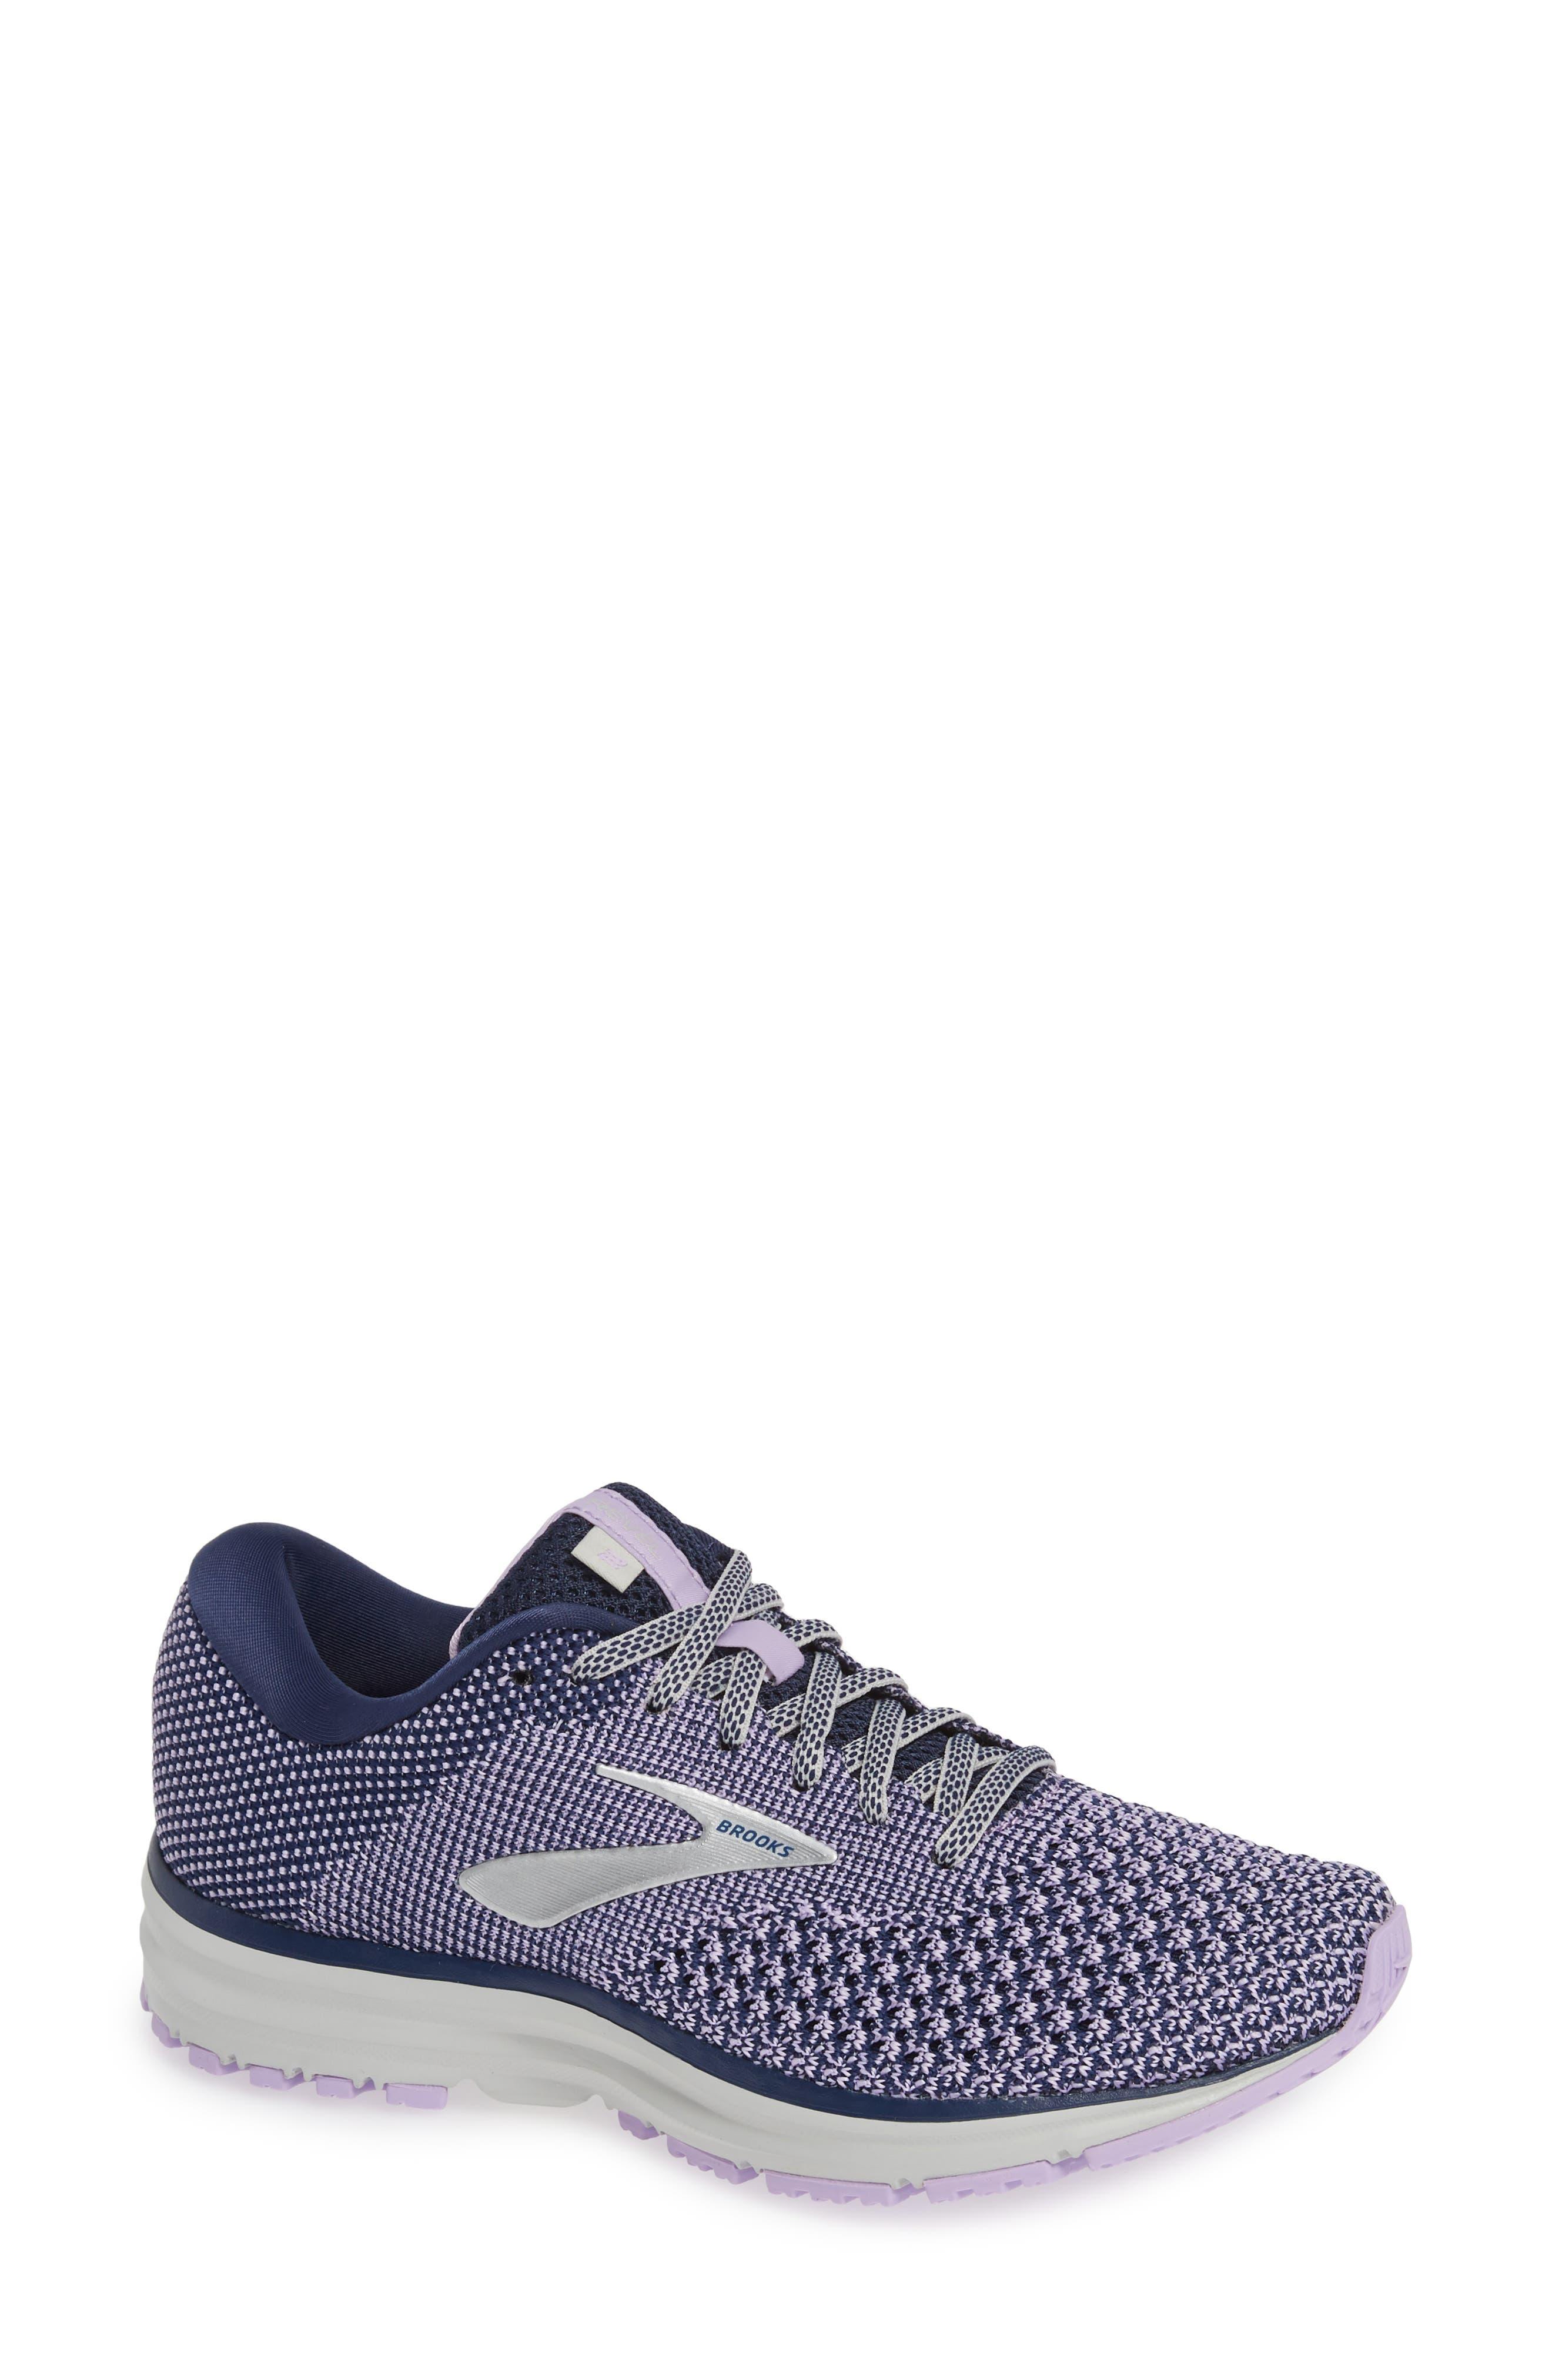 Brooks Revel 2 Running Shoe B - Purple